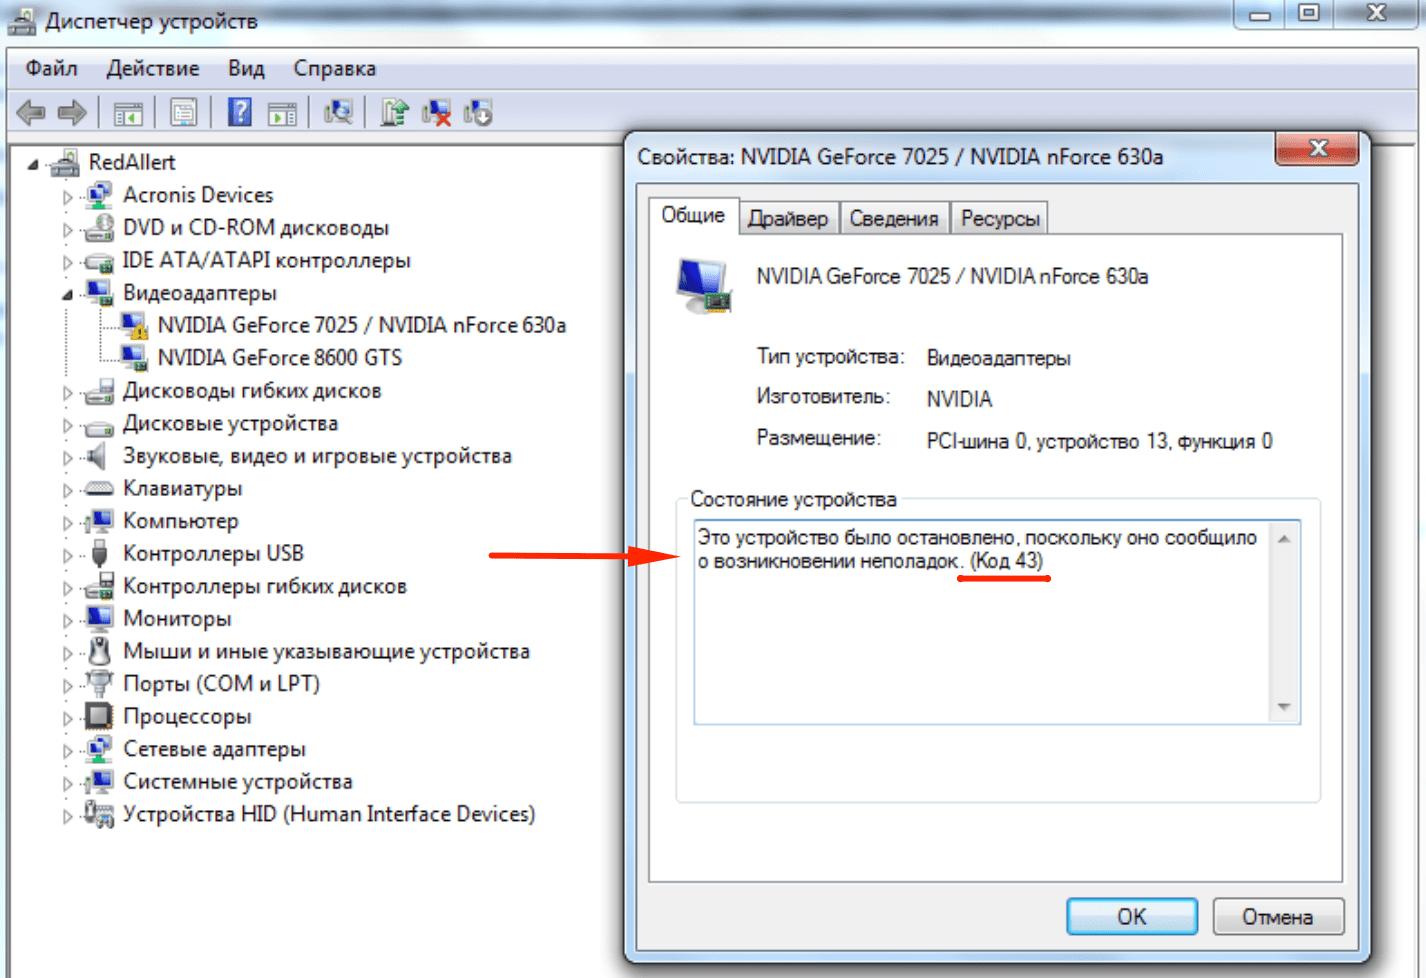 Диспетчер устройств: код 43 у видеокарты NVidia